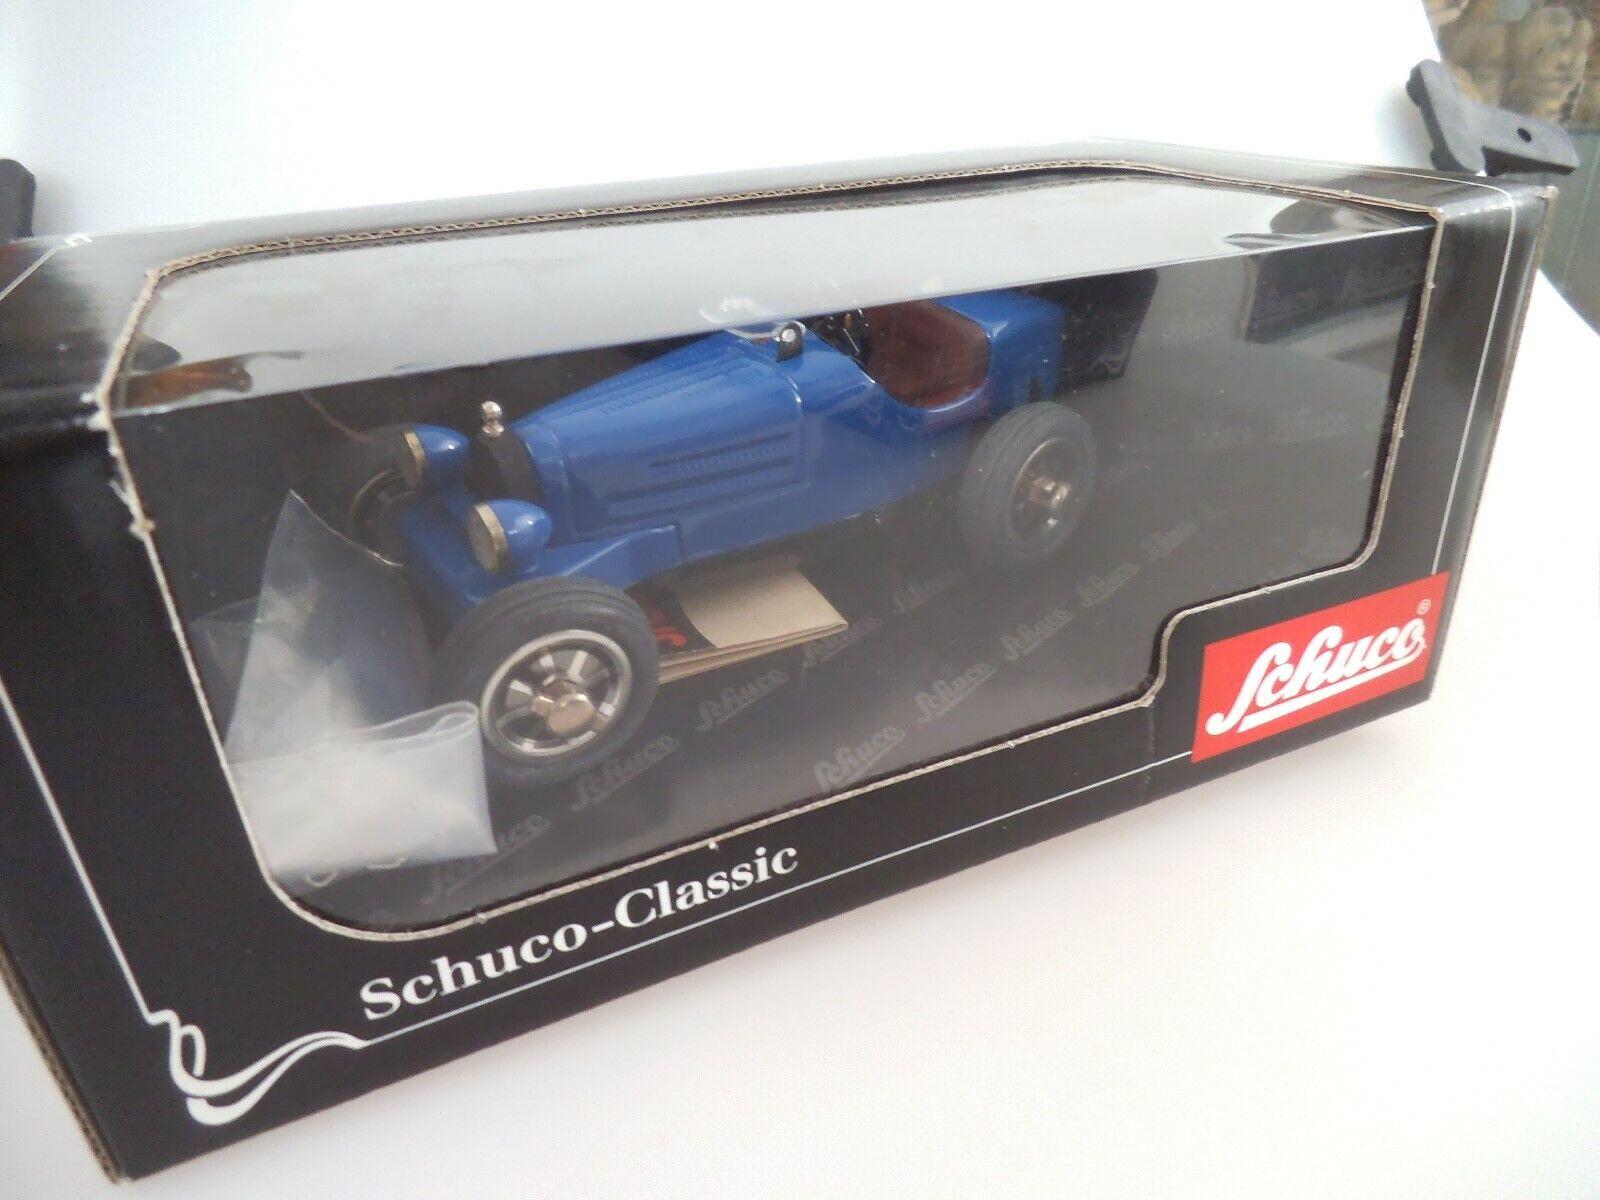 Schuco Classic Studio IV Bugatti 01740 (3005)